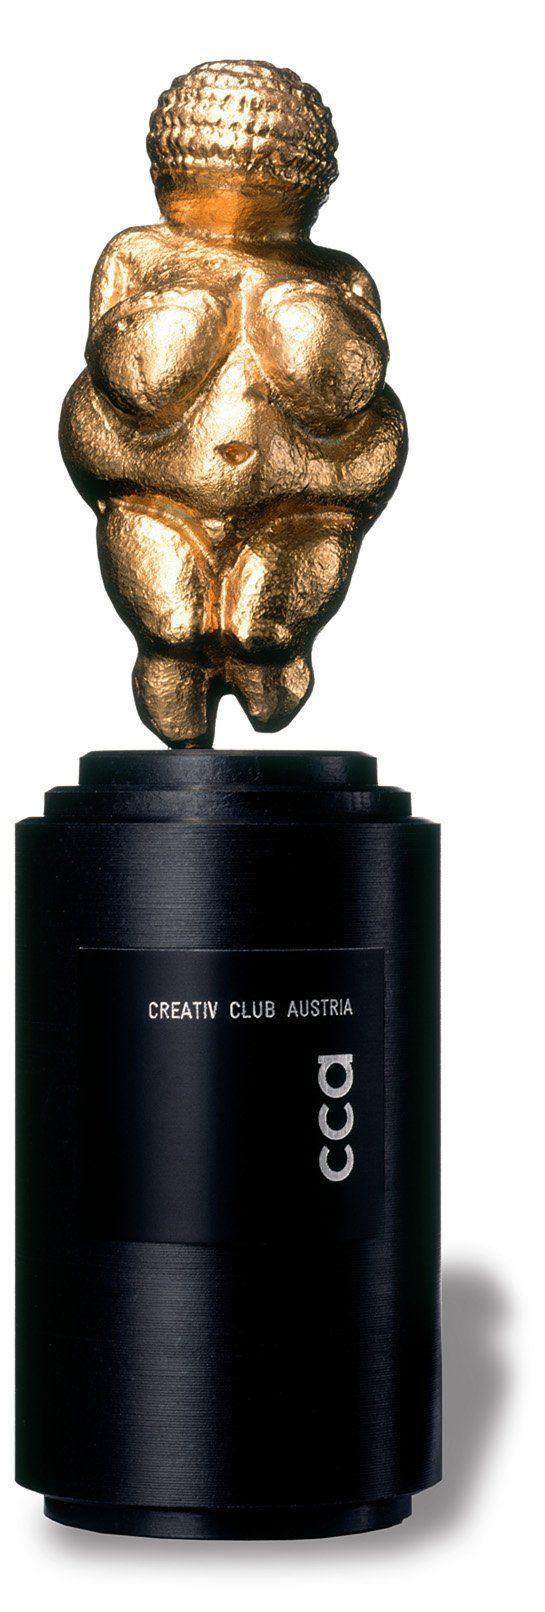 CCA Venus Awards werden vom Creativ Club Austria verliehen